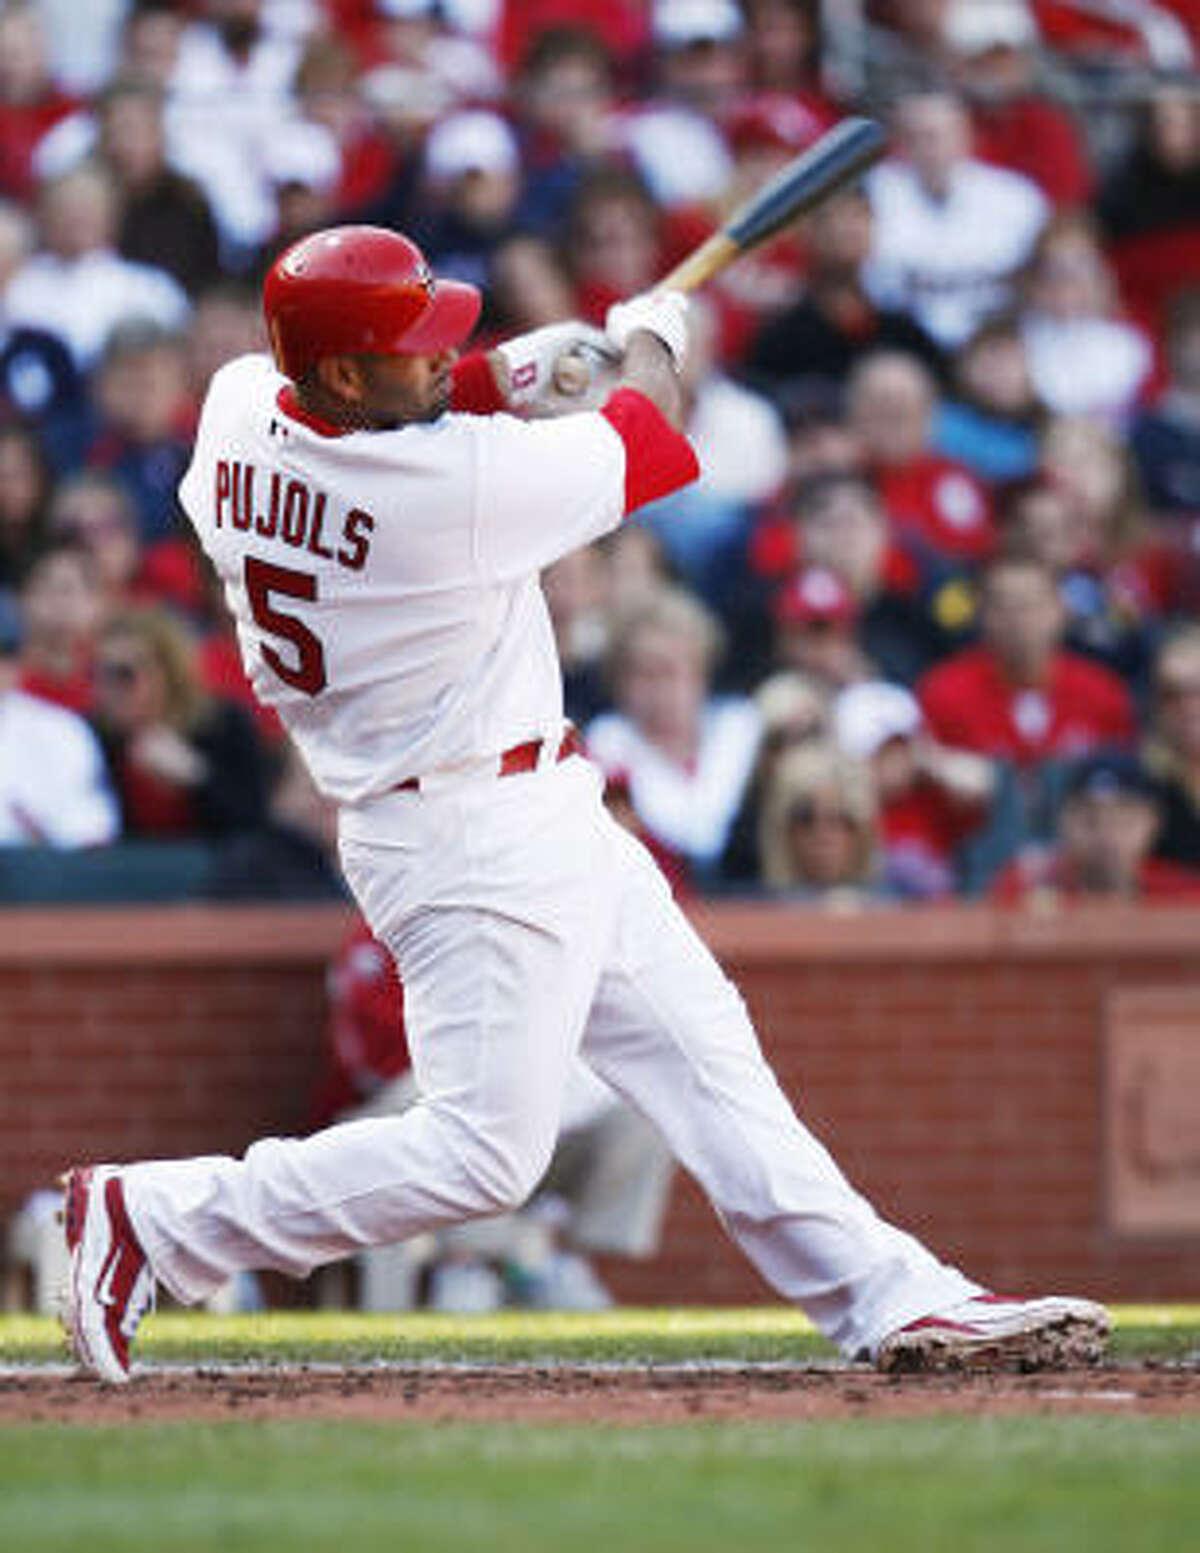 3. St. Louis Cardinals first baseman Albert Pujols